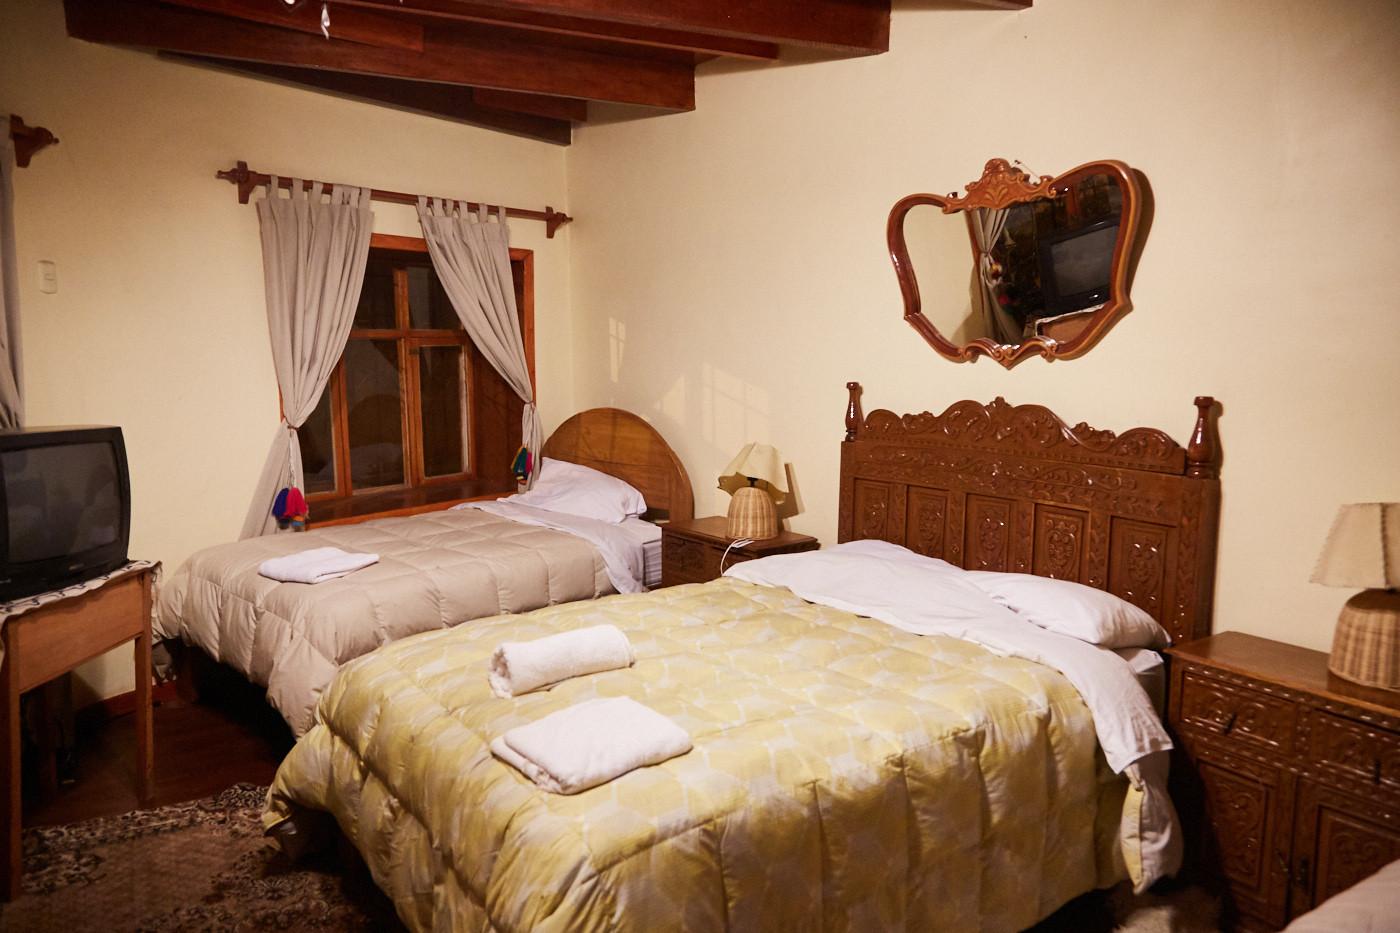 Von 'Mamma' bekocht und in einem Zimmer wie ein König schlafen! Diese Unterkunft in Peru war definitiv ein besonderes der 9 Hotels in Peru